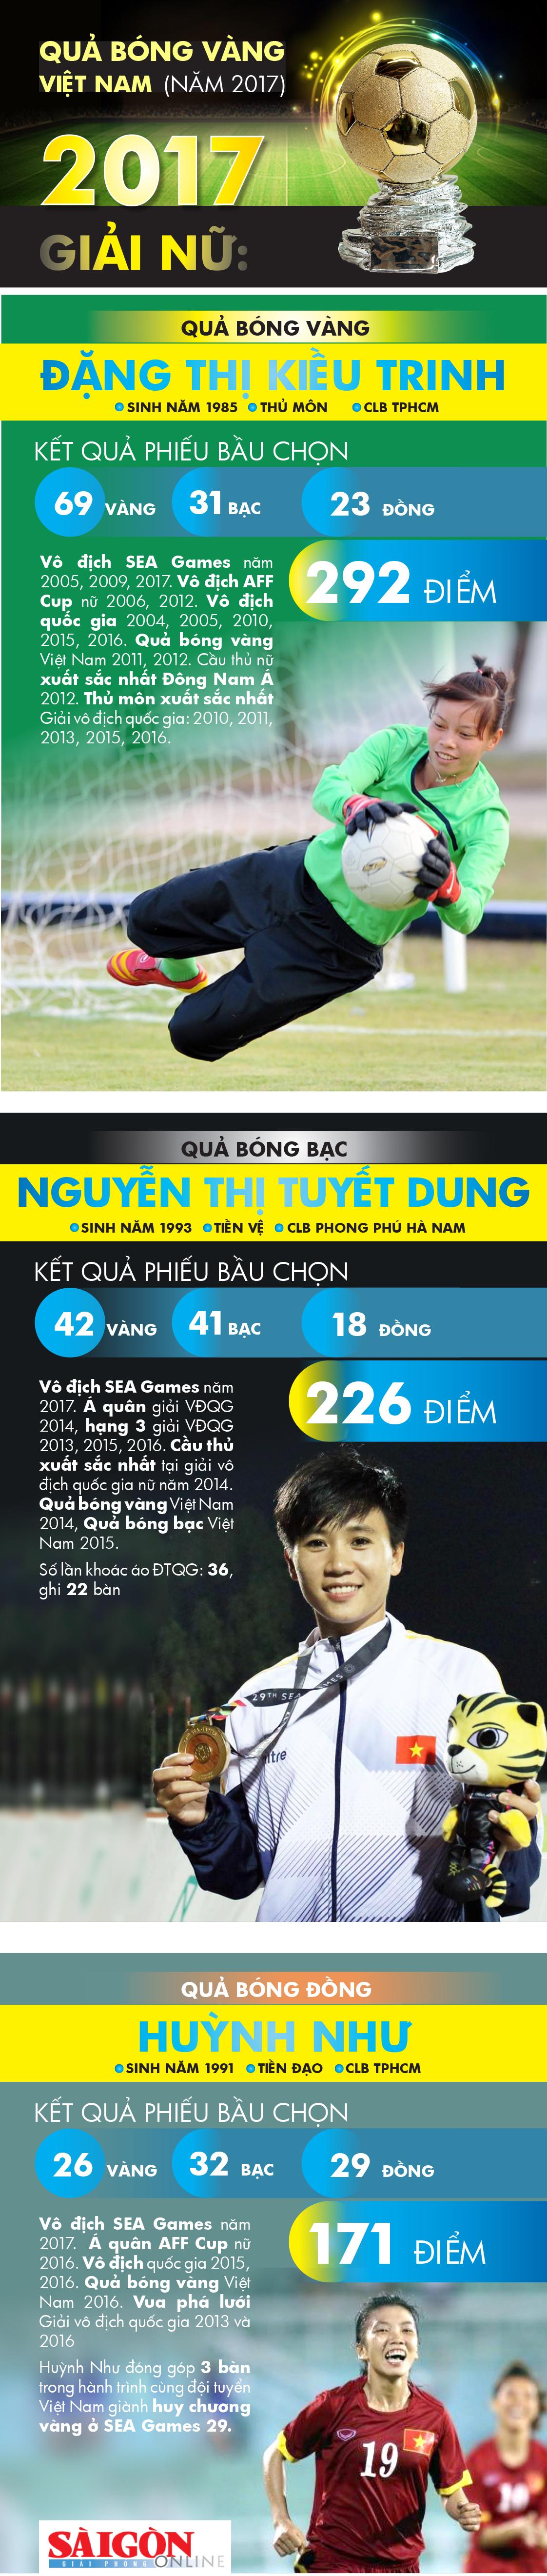 Thành Trung và Kiều Trinh đoạt Quả bóng Vàng Việt Nam 2017 ảnh 2